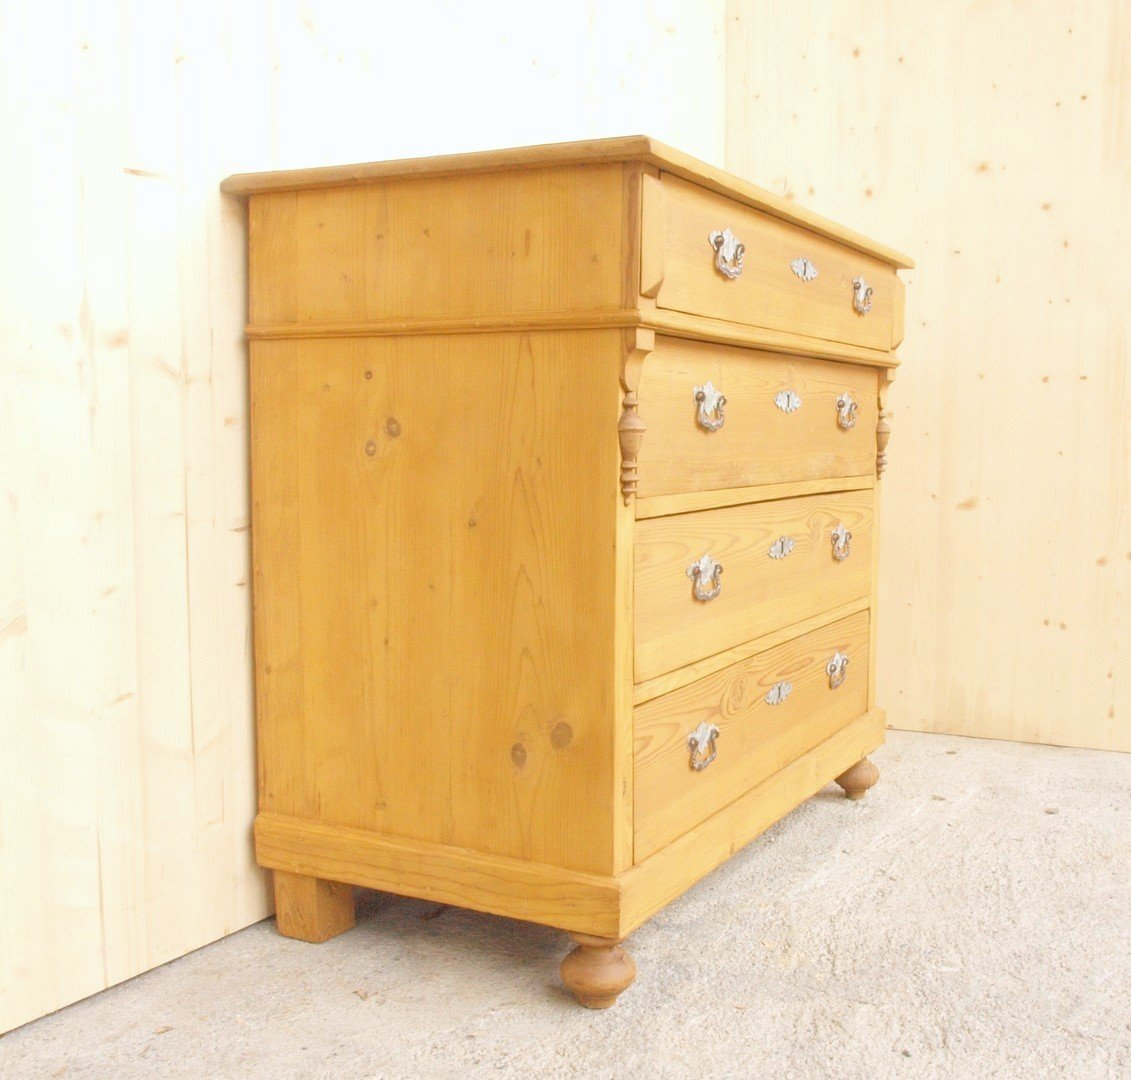 alte antike kommode restauriert 4 schubladen massivholz gr nderzeit alte antike bauernm bel. Black Bedroom Furniture Sets. Home Design Ideas